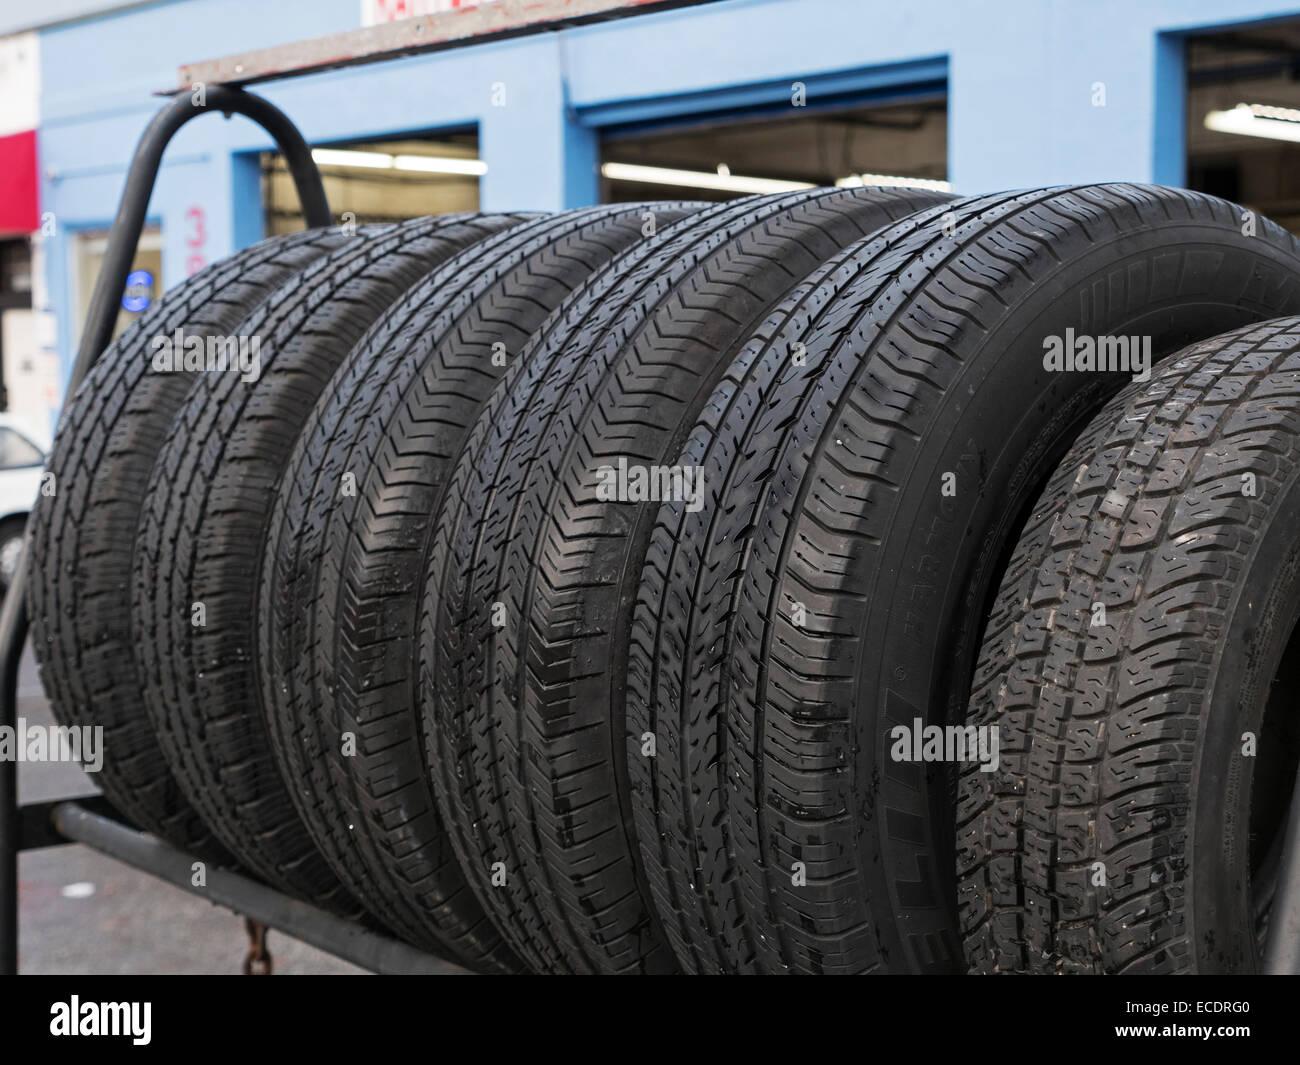 Una cremagliera di pneumatici per auto sul display in vendita. Immagini Stock